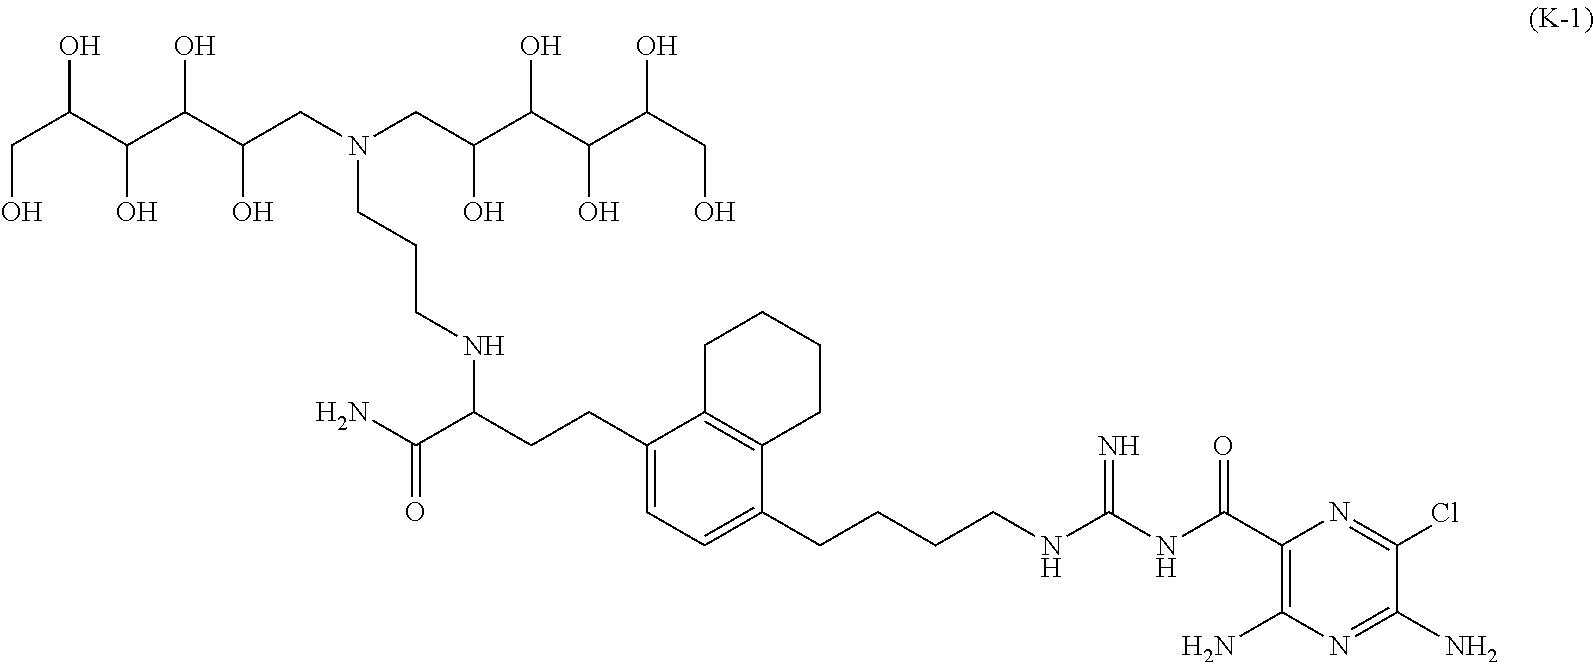 Figure US09695134-20170704-C00022